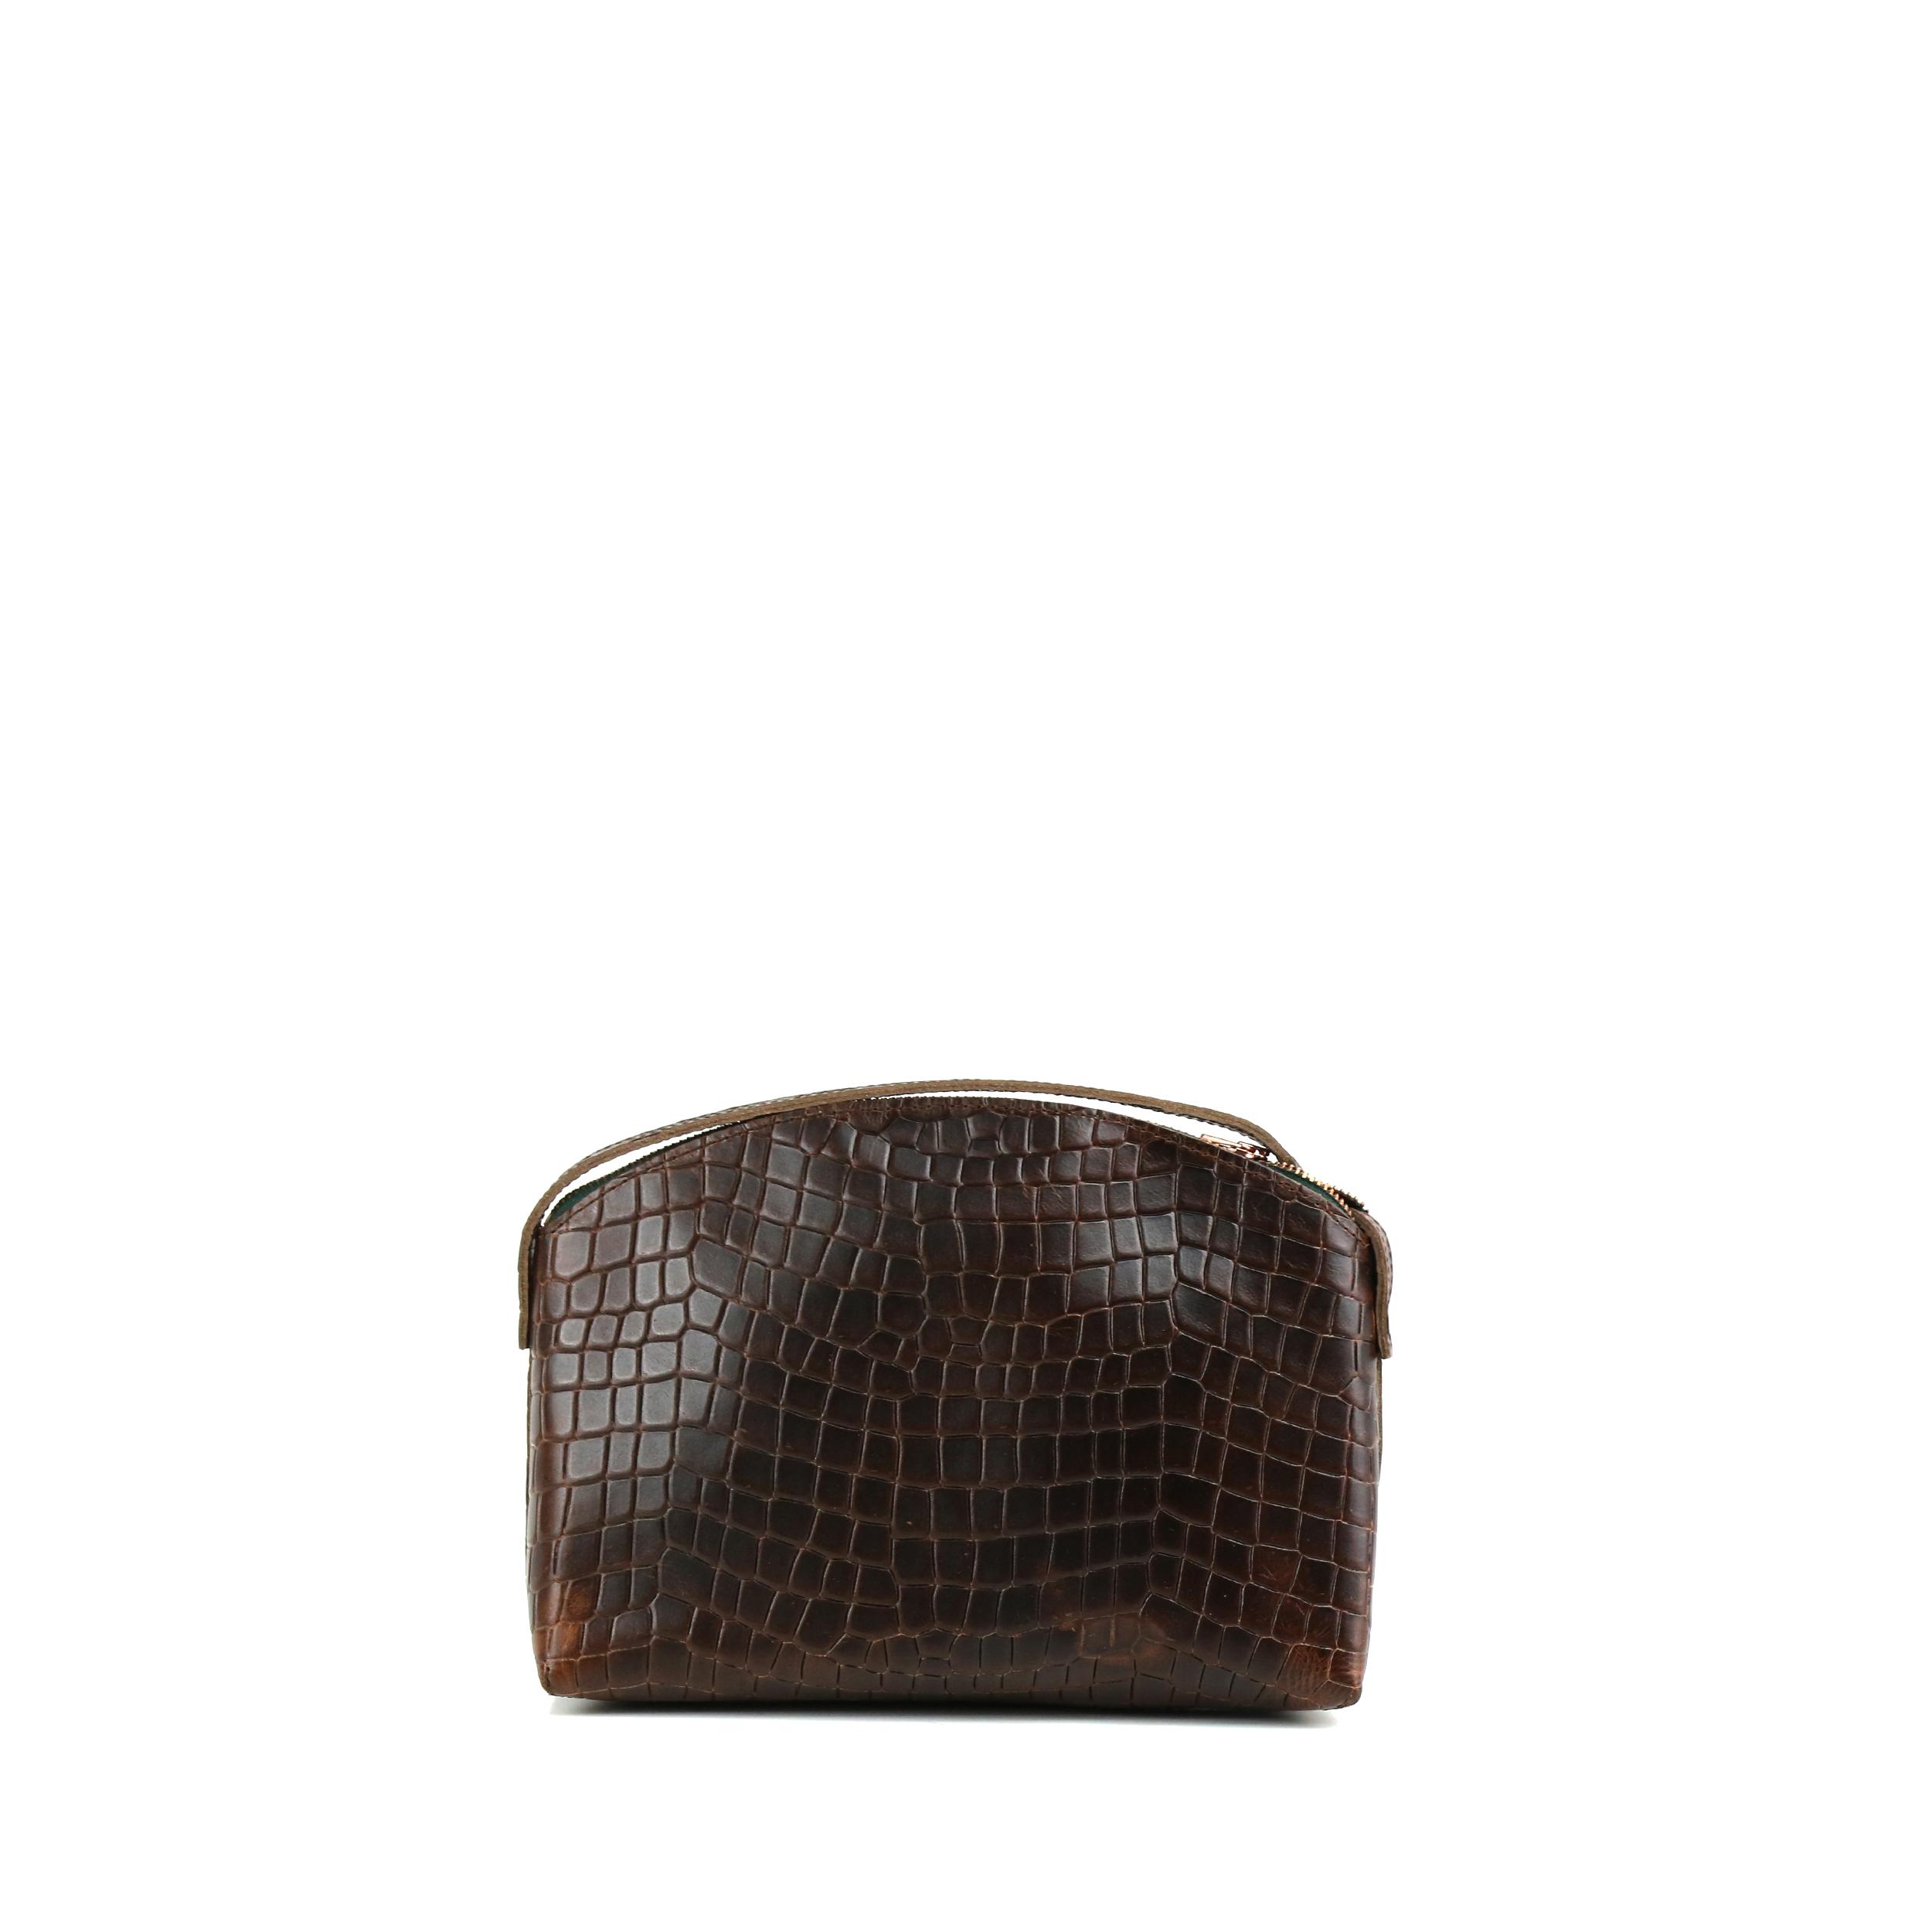 TIMI Crossbody Bag Croco Sample Sale No. 4 -2